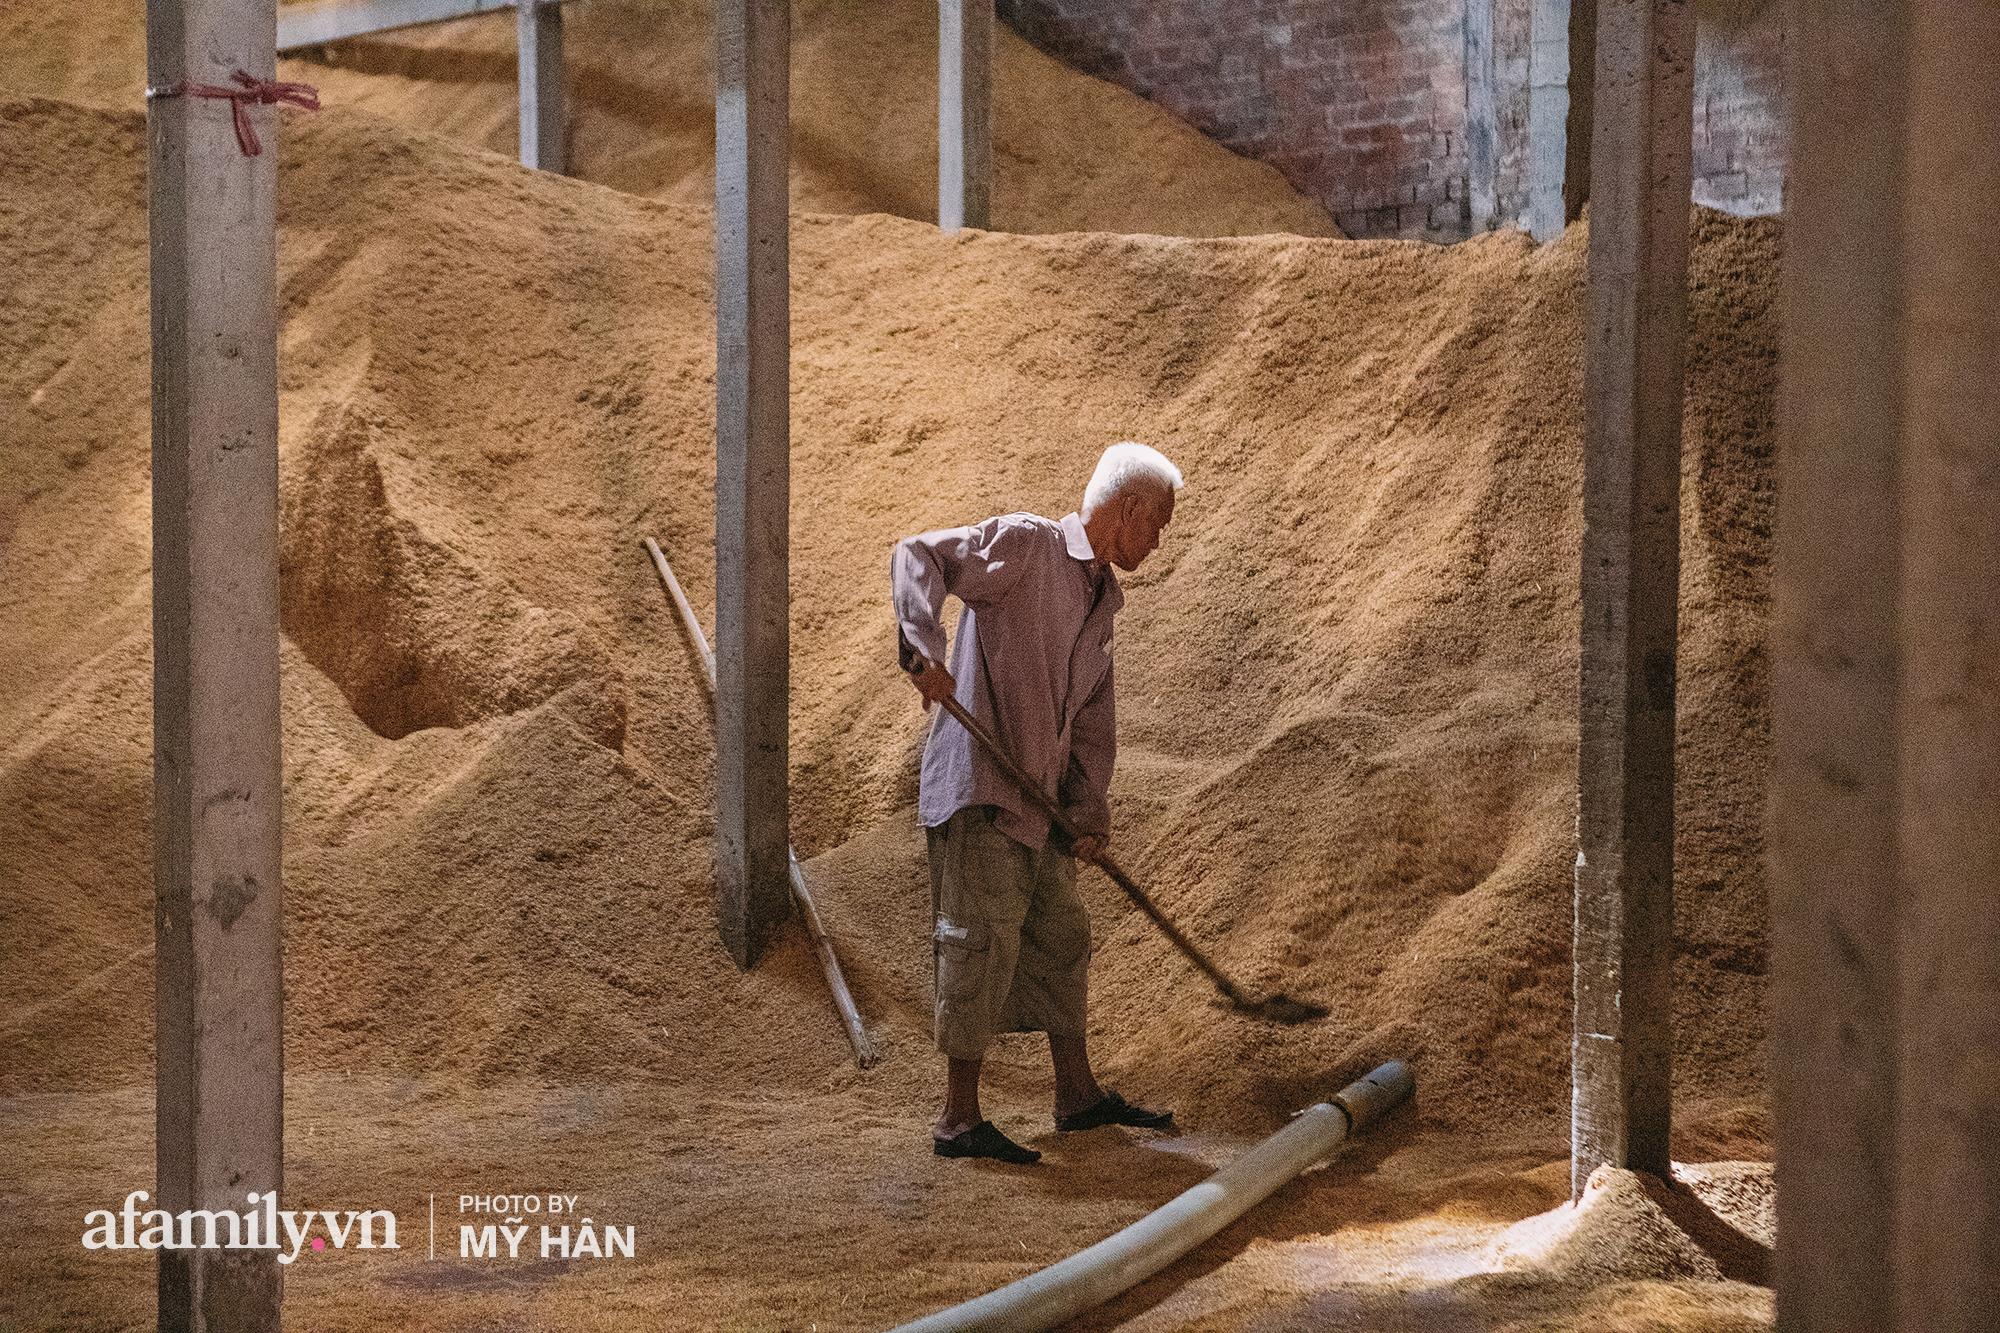 Ngôi làng đỏ hơn 100 năm tuổi khiến người ta phải thốt lên